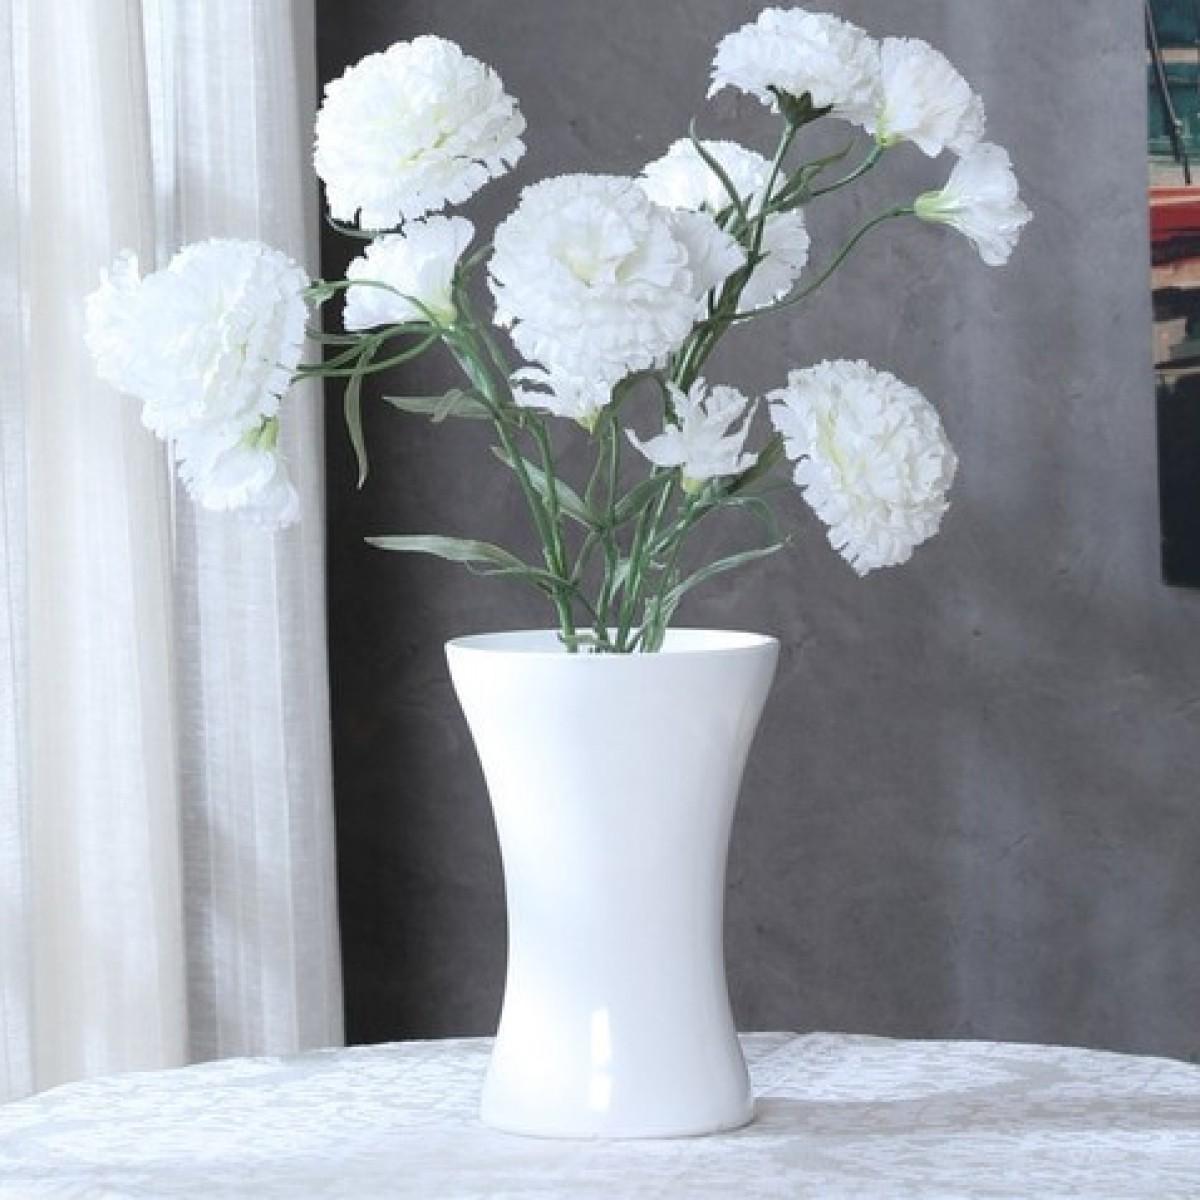 5122 Hantied White 14x20cm Acrylic Vase - 1 No